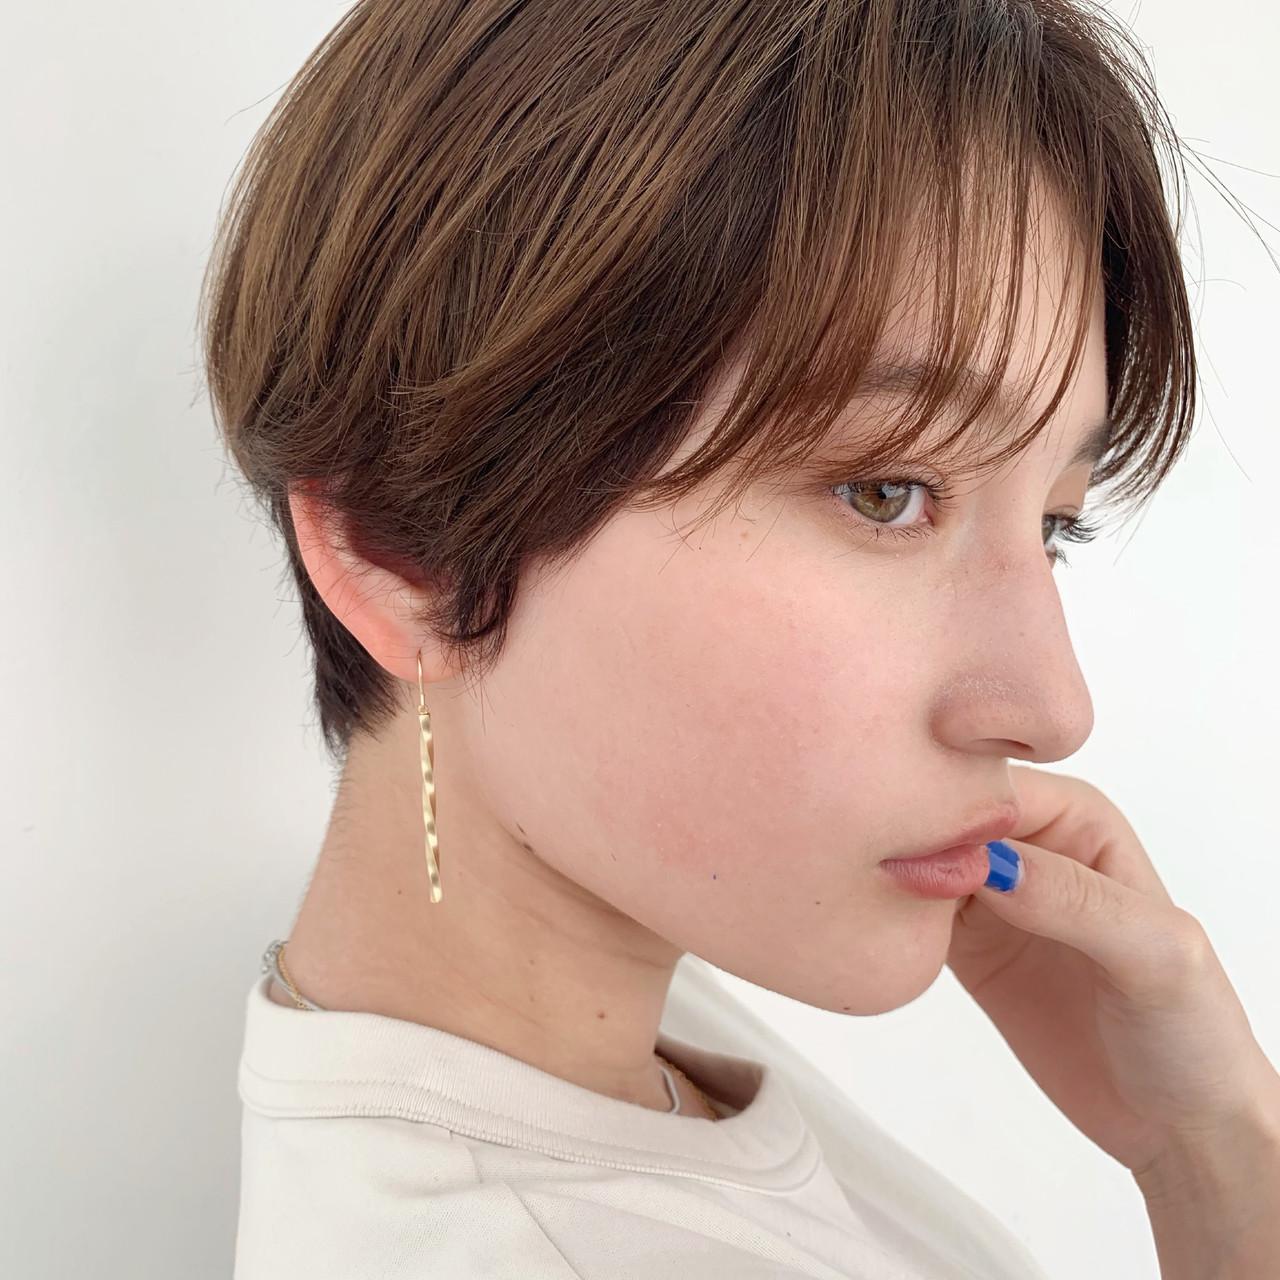 パーマ デート ヘアアレンジ アウトドア ヘアスタイルや髪型の写真・画像 | lora.garden 英太 /  lora.garden